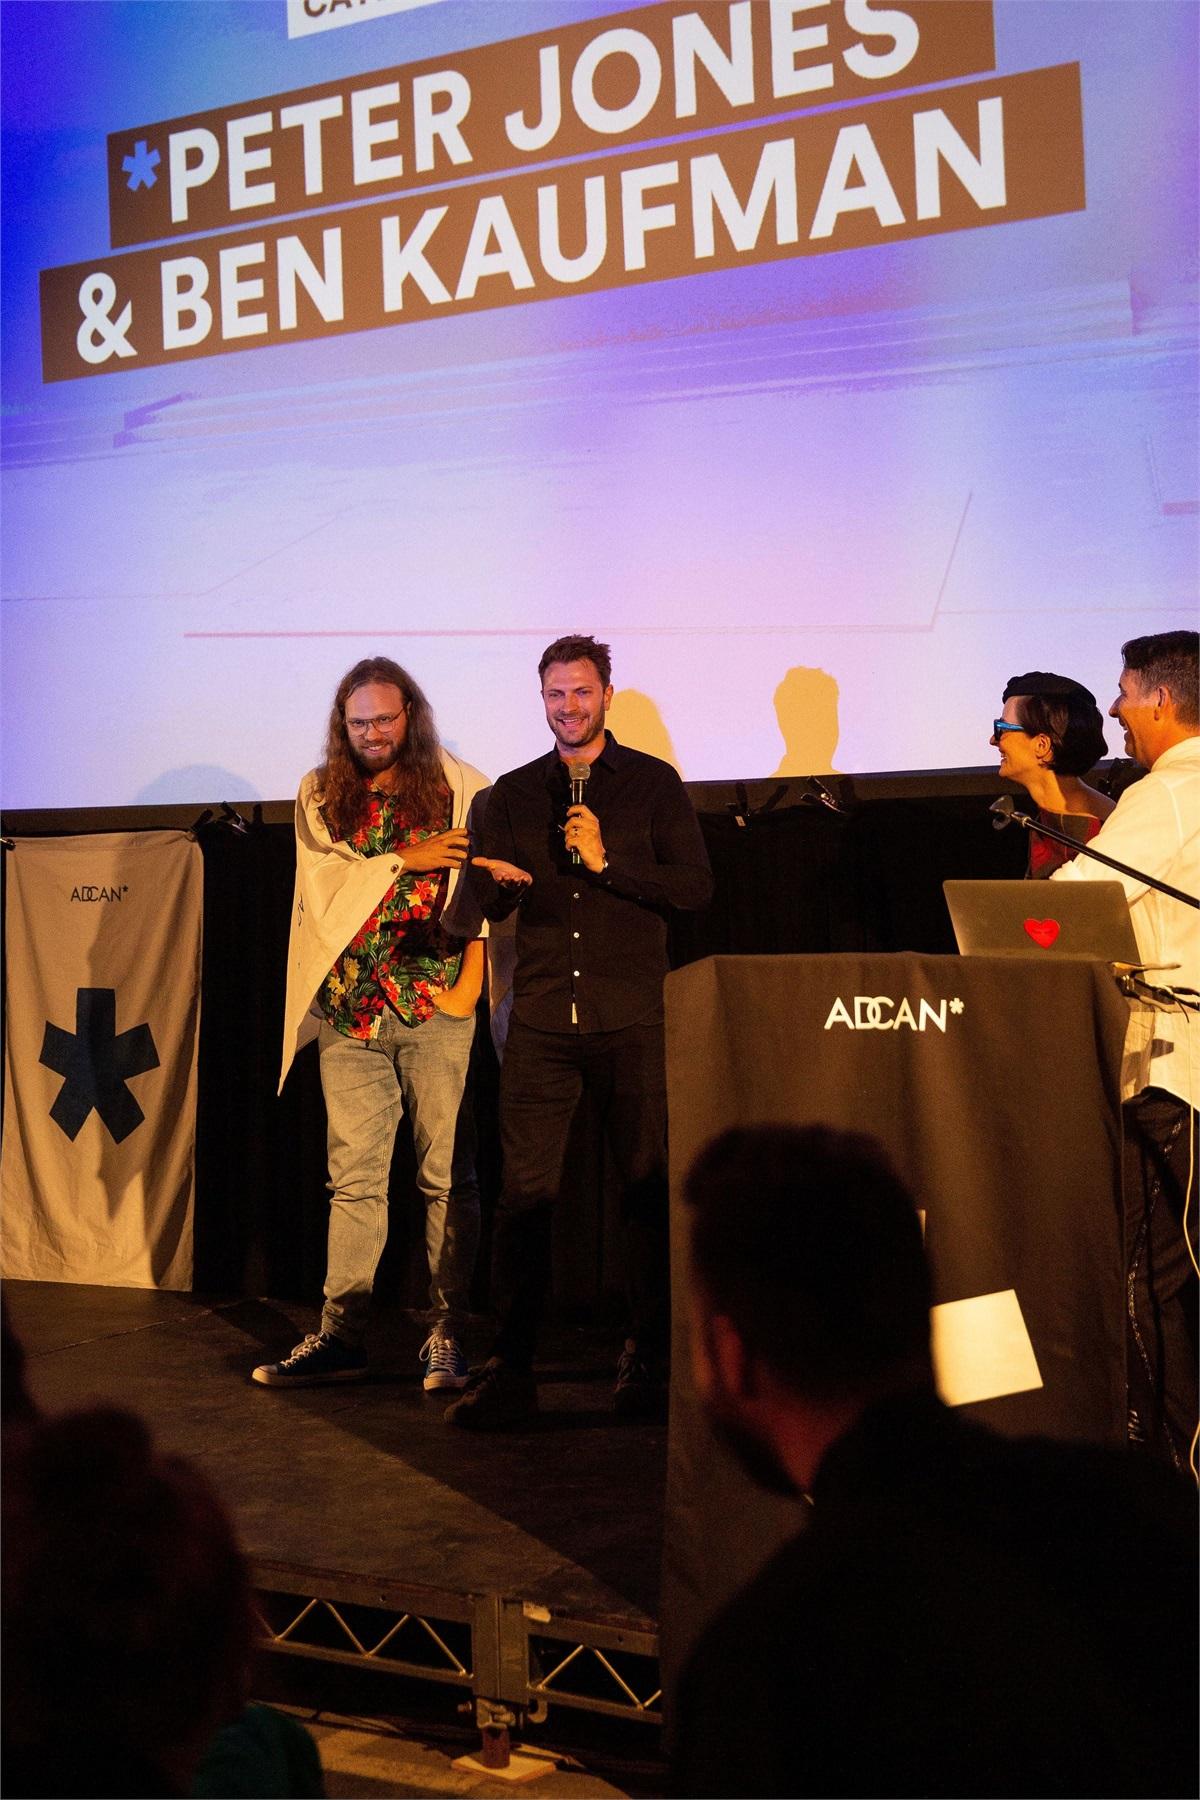 Sa Filmmakers Win Adcan Grand Prix Award In L.a. photo